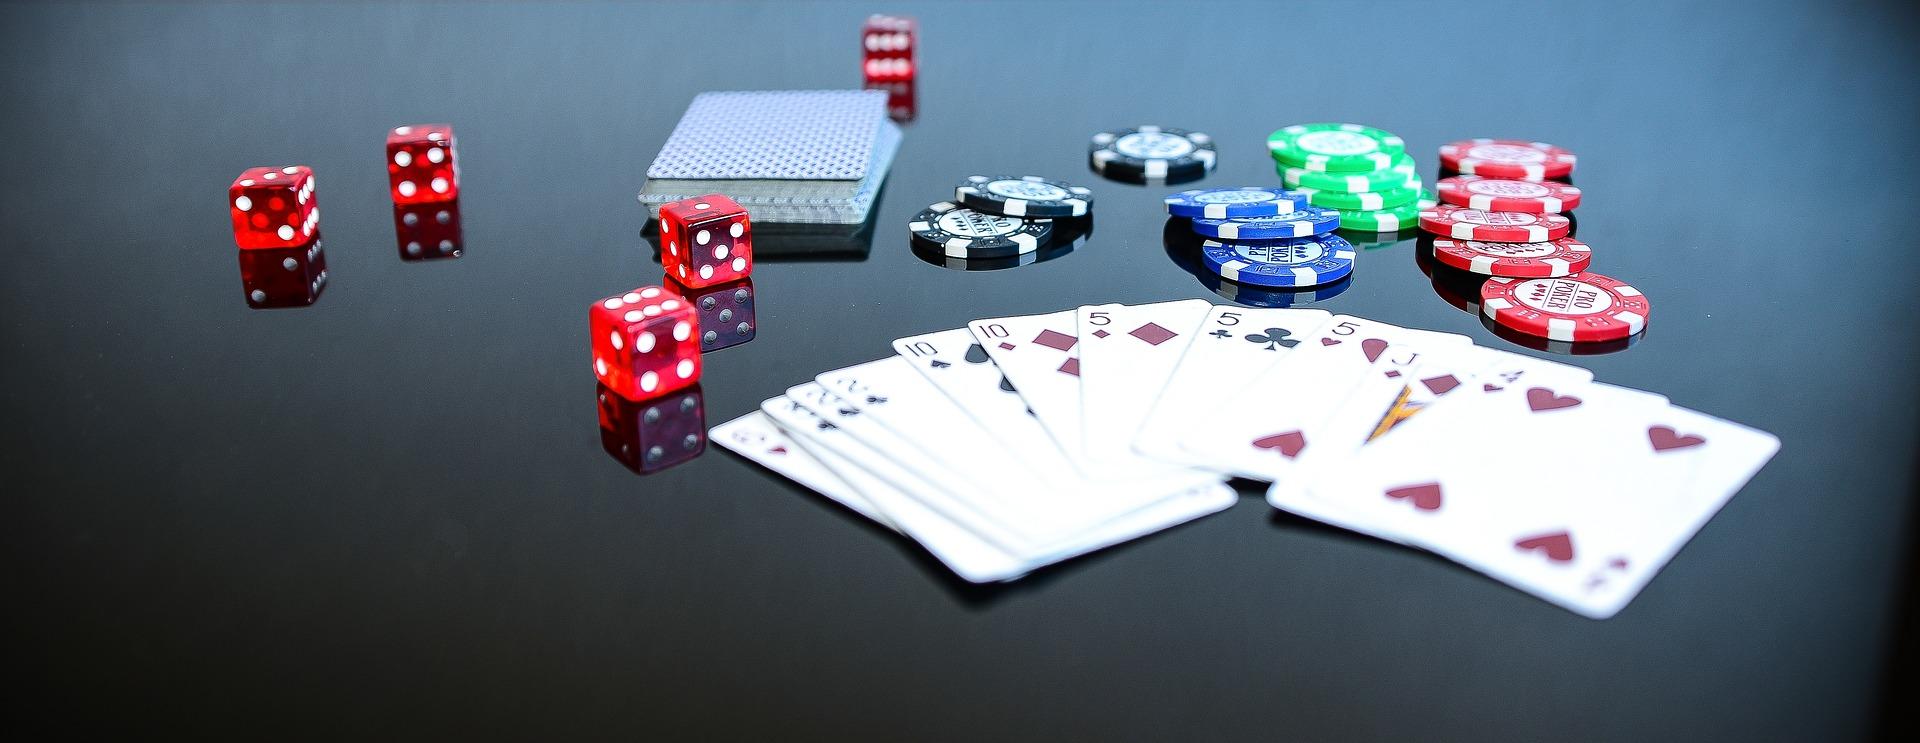 poker-1564042_1920.jpg